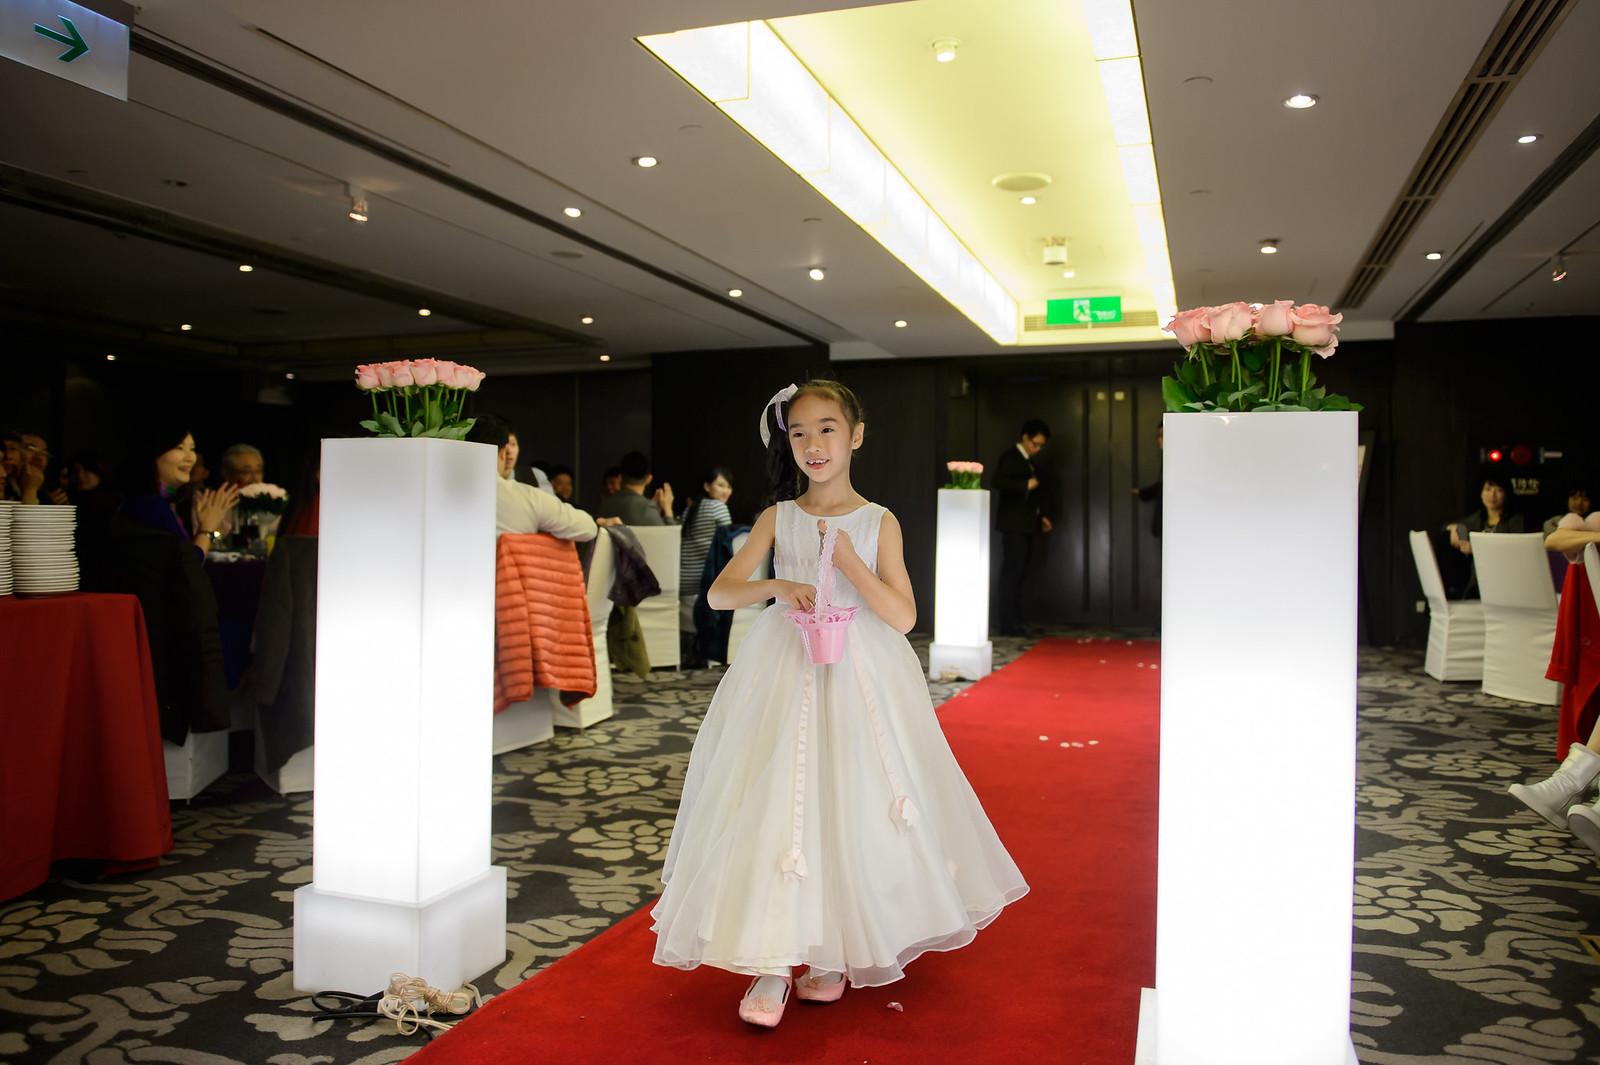 台北婚攝, 婚禮攝影, 婚攝, 婚攝守恆, 婚攝推薦, 晶華酒店, 晶華酒店婚宴, 晶華酒店婚攝-66